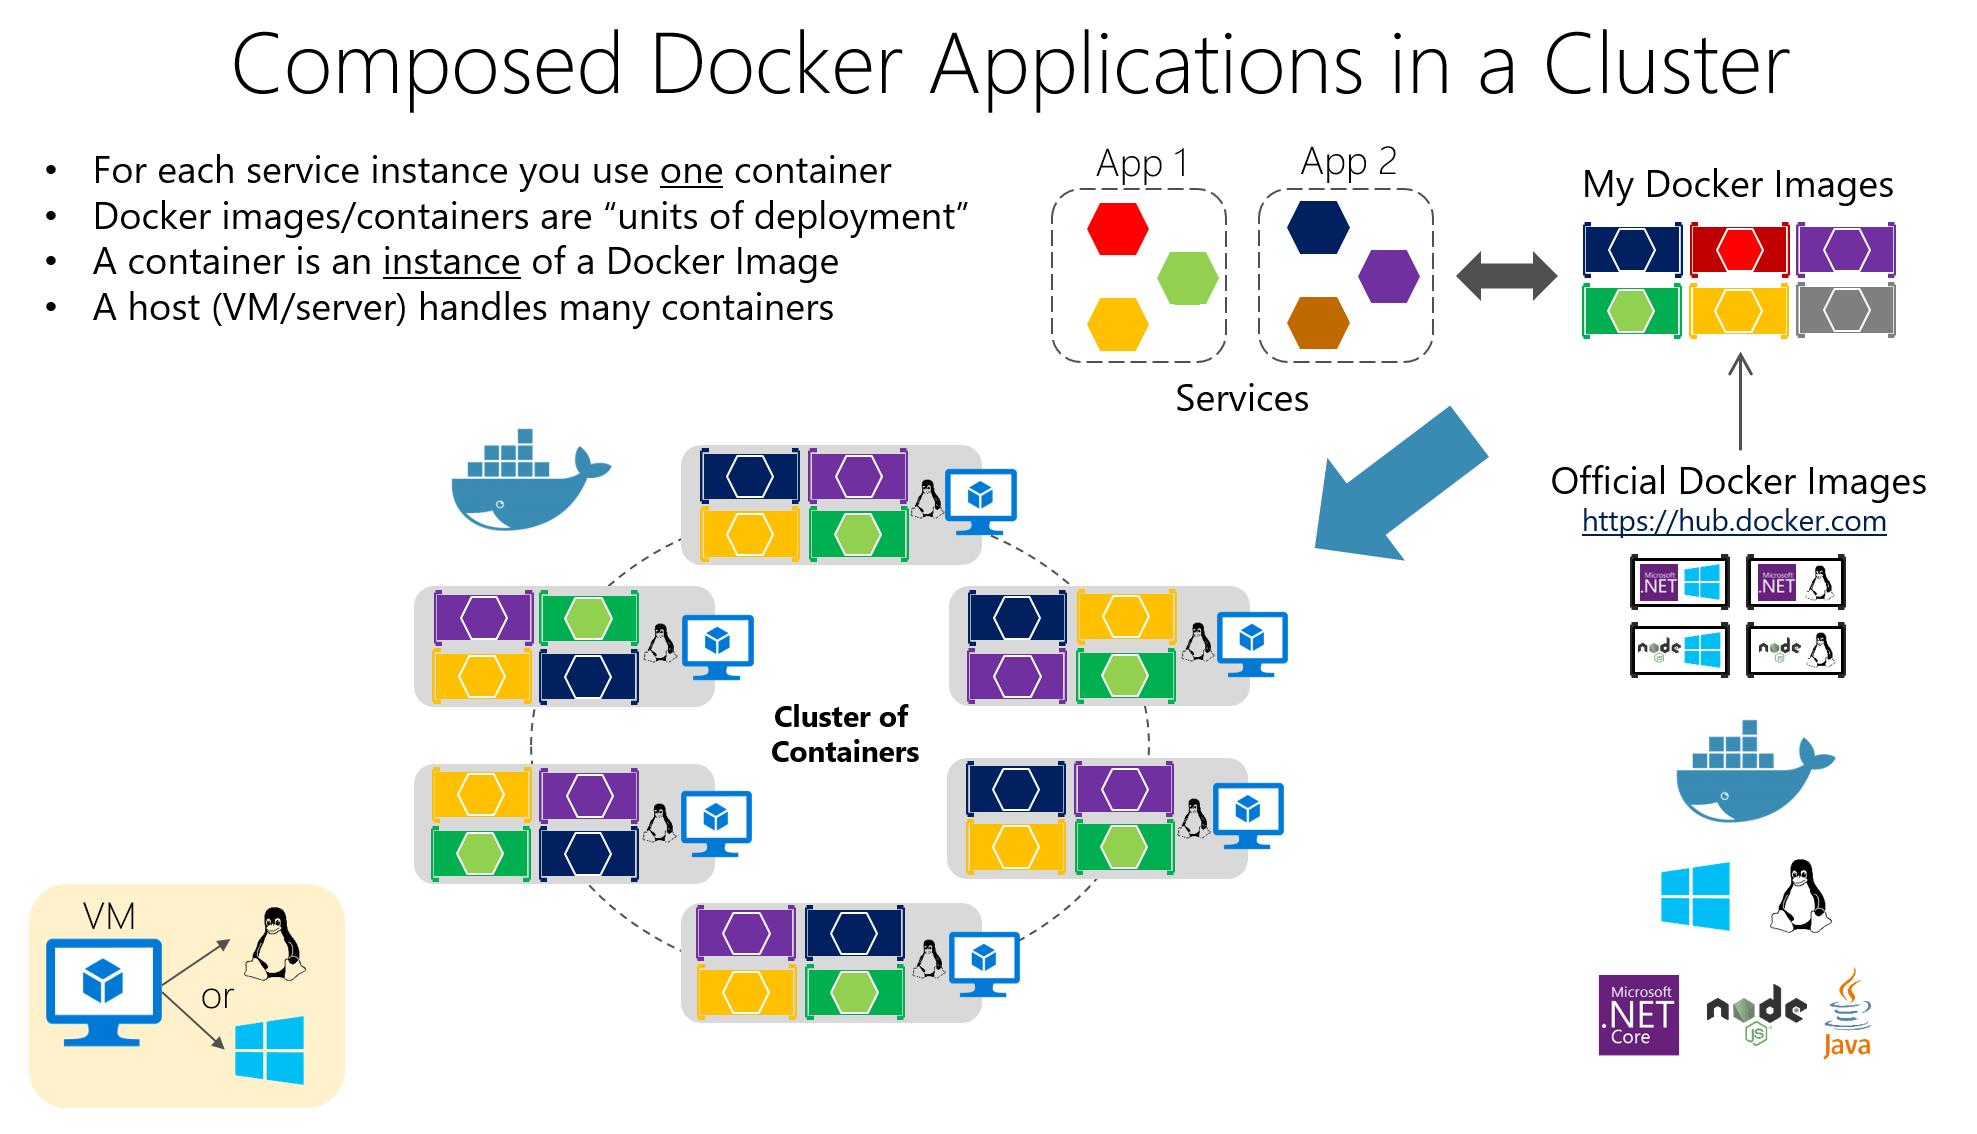 協調微服務和多容器應用程式的高延展性和可用性   Microsoft Docs